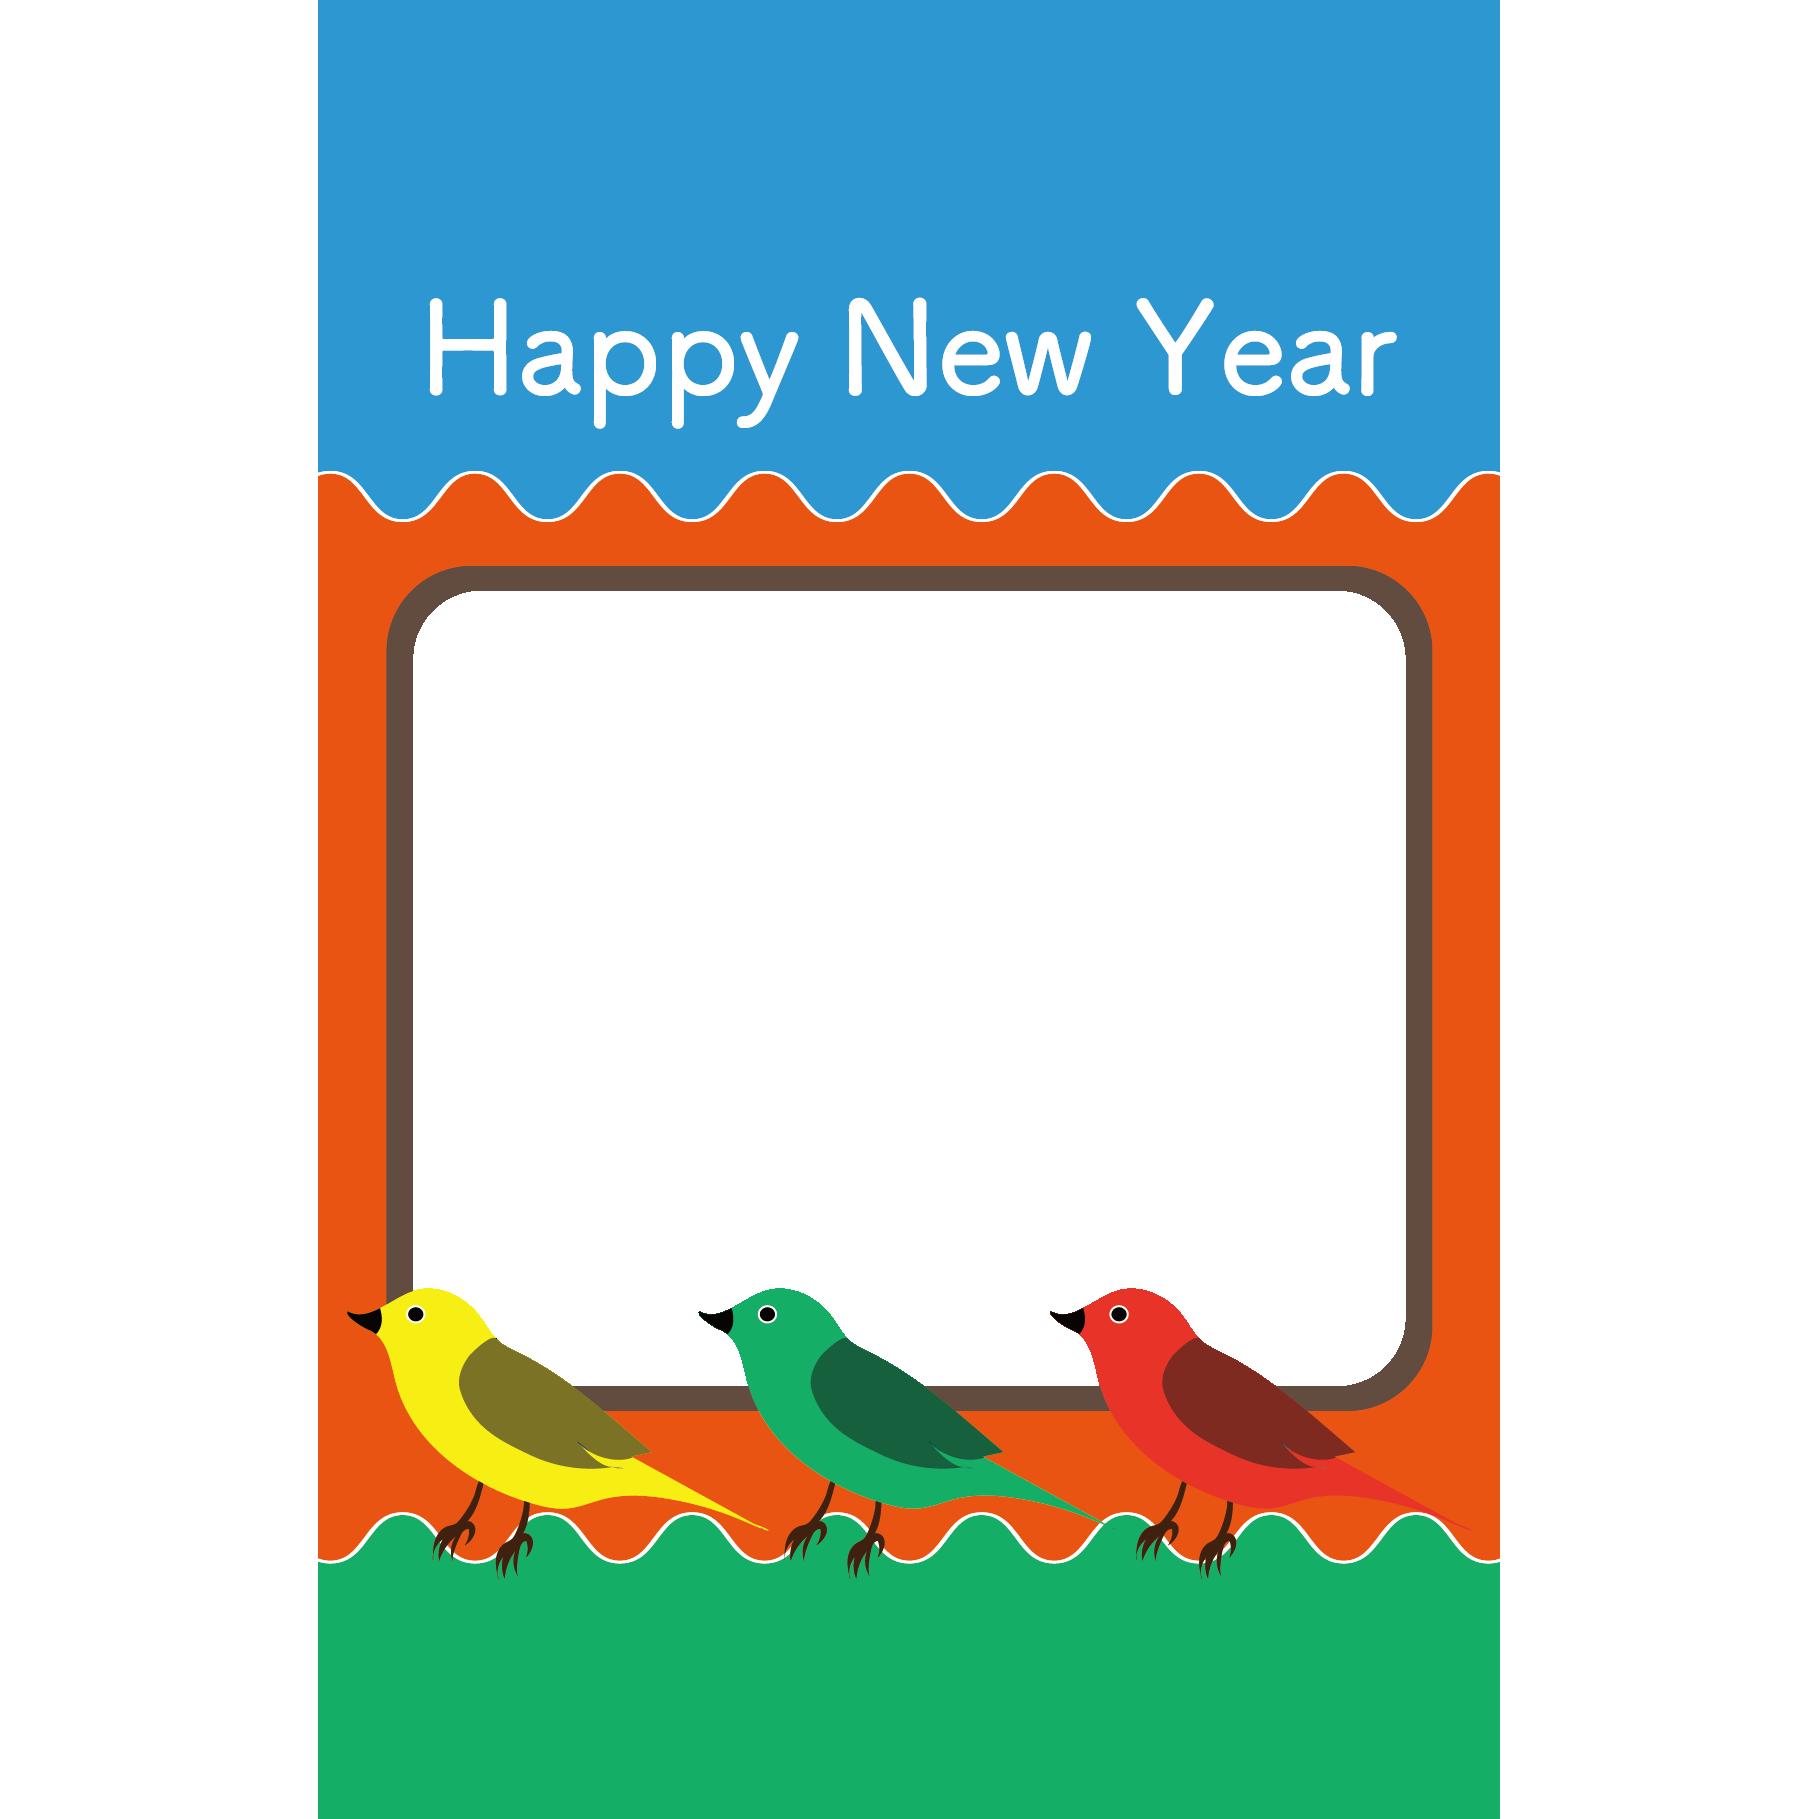 写真フレーム付き かわいい小鳥の年賀状 2017イラスト 酉年 | 商用